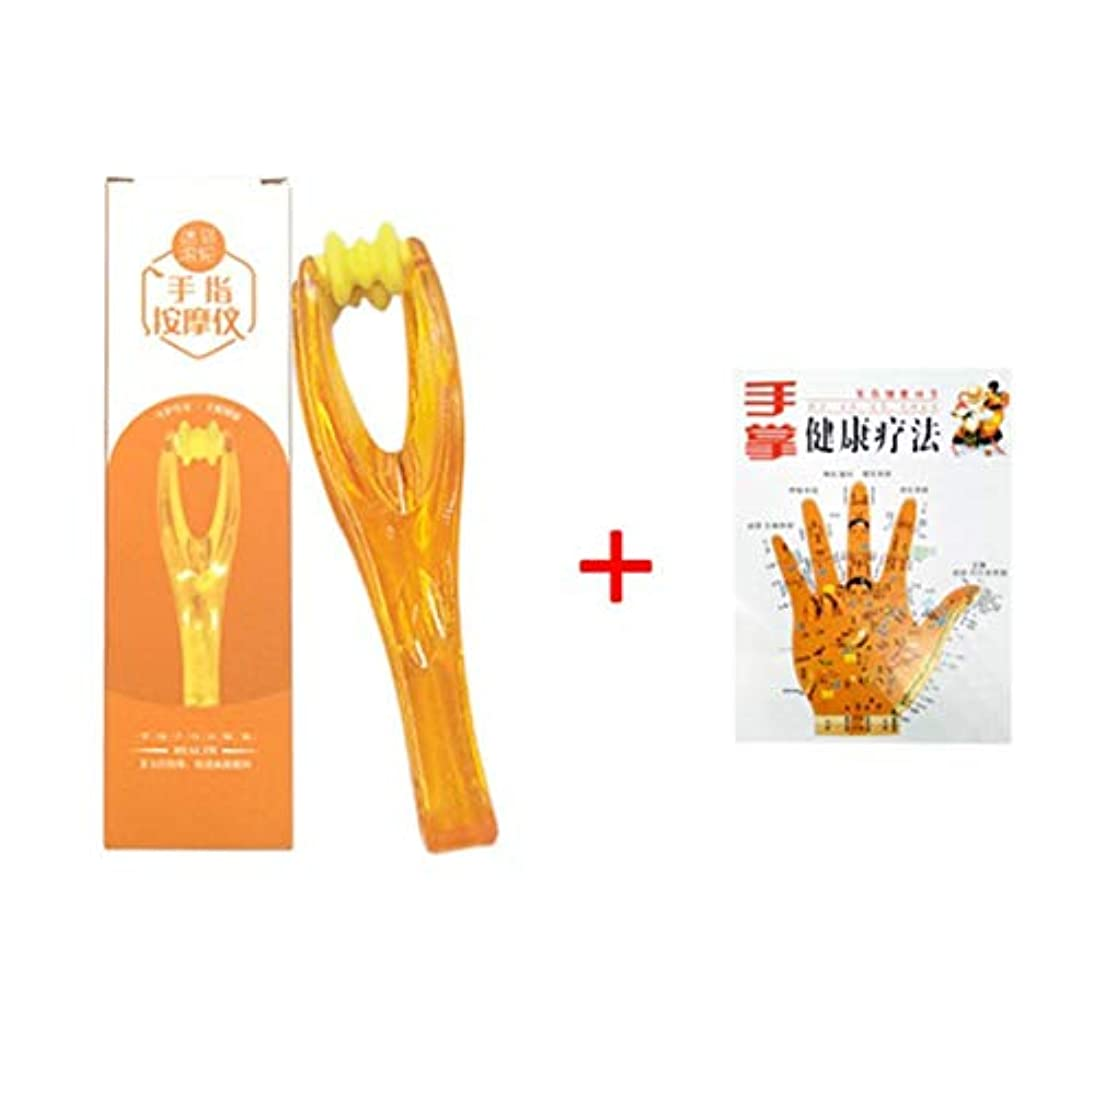 抽象化スープ一定Birdlantern 1pc Hand Finger Joints Massager Handheld Blood Circulation Tool Dual Roller Stress Relief Beauty Plastic...